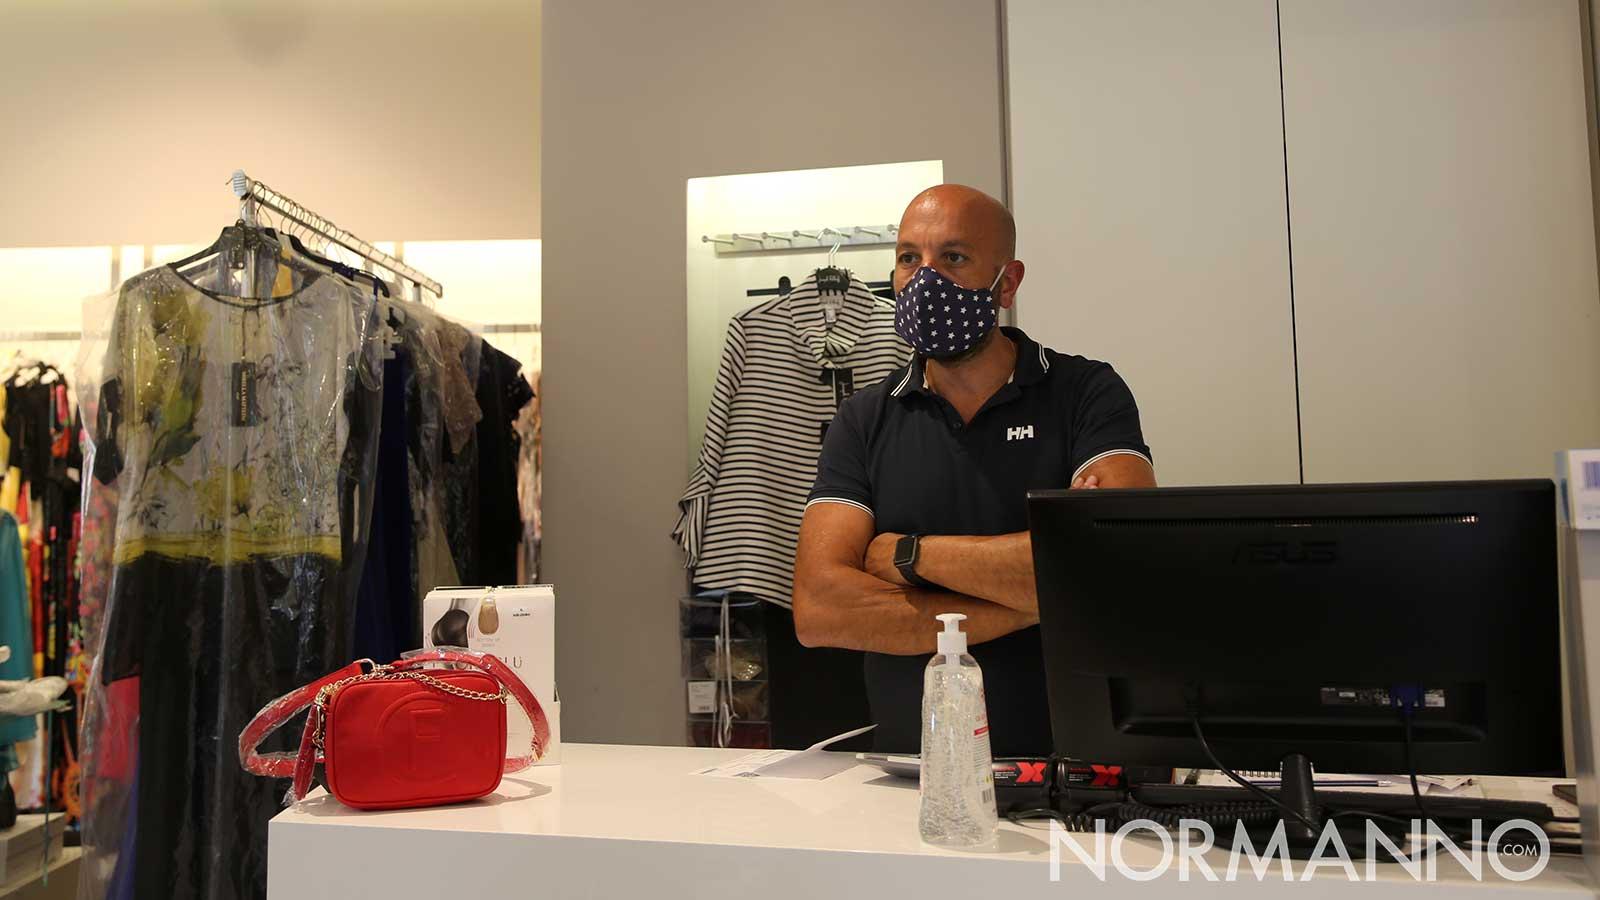 negozio di abbigliamento riaperto durante la fase 2 della lotta al coronavirus